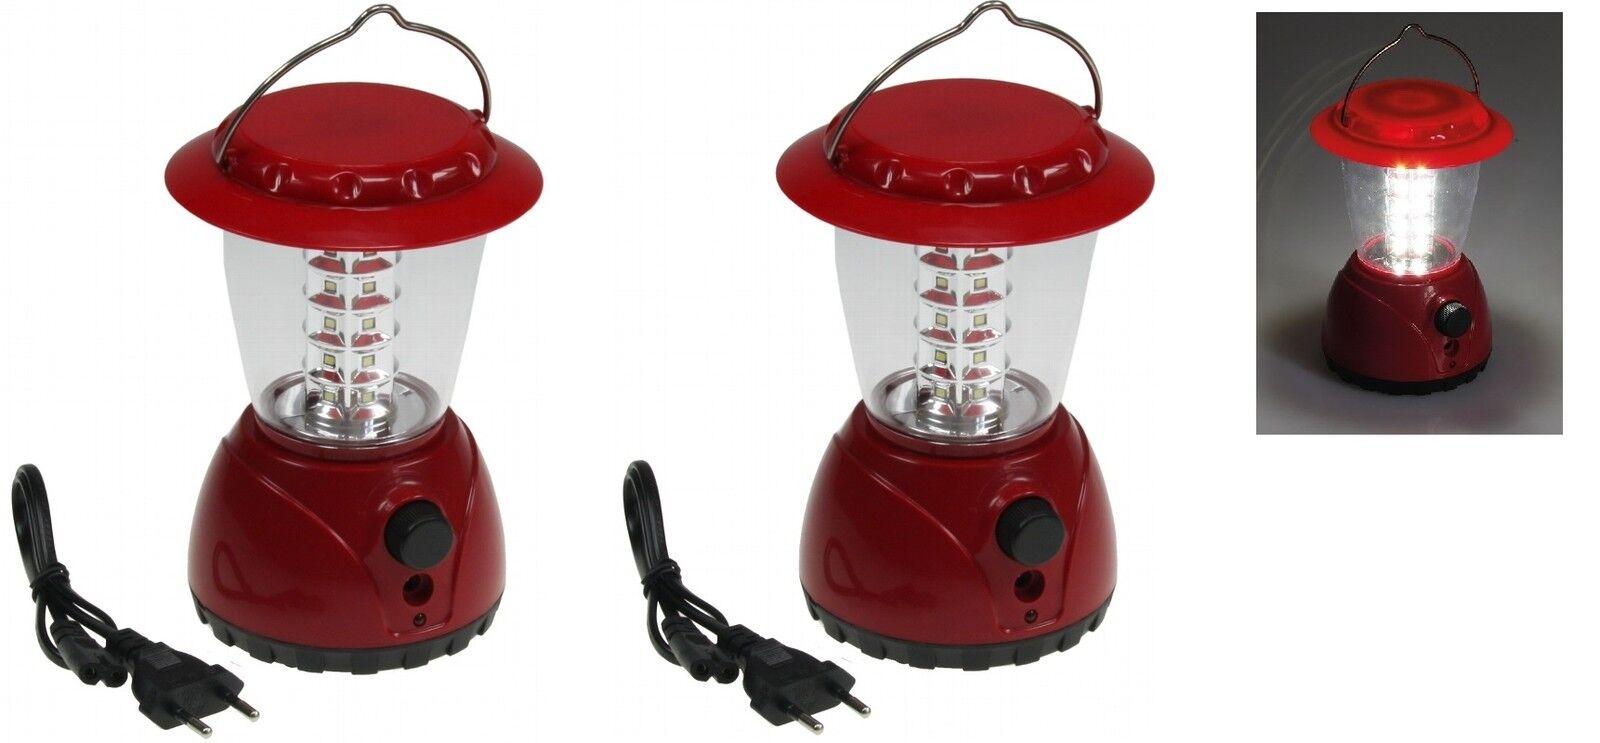 2 er er er Set LED Akku Camping Laterne 36 LED Dimmer Campinglampe Zeltlampe Laterne 93b0d6